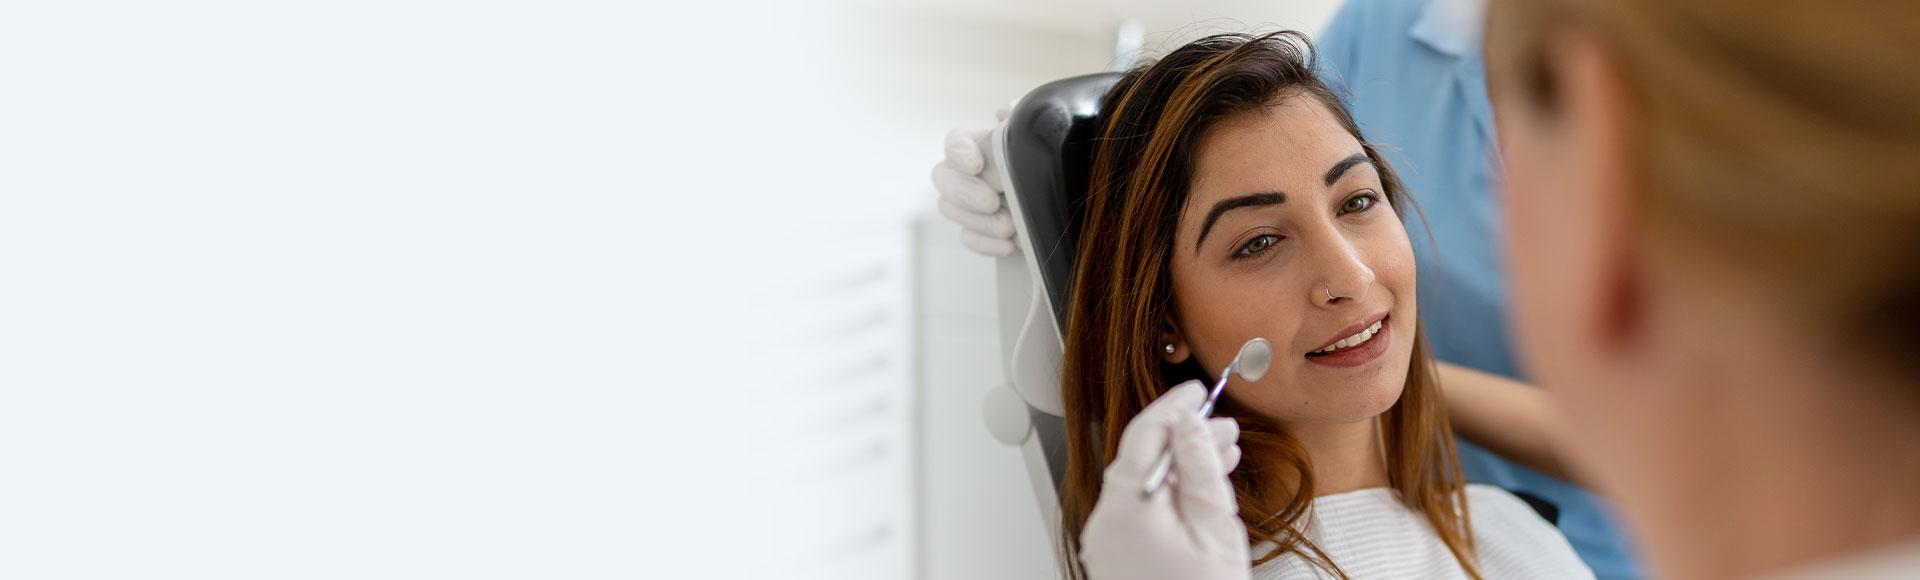 regelmäßige Kontrollen für ihre Zahngesundheit